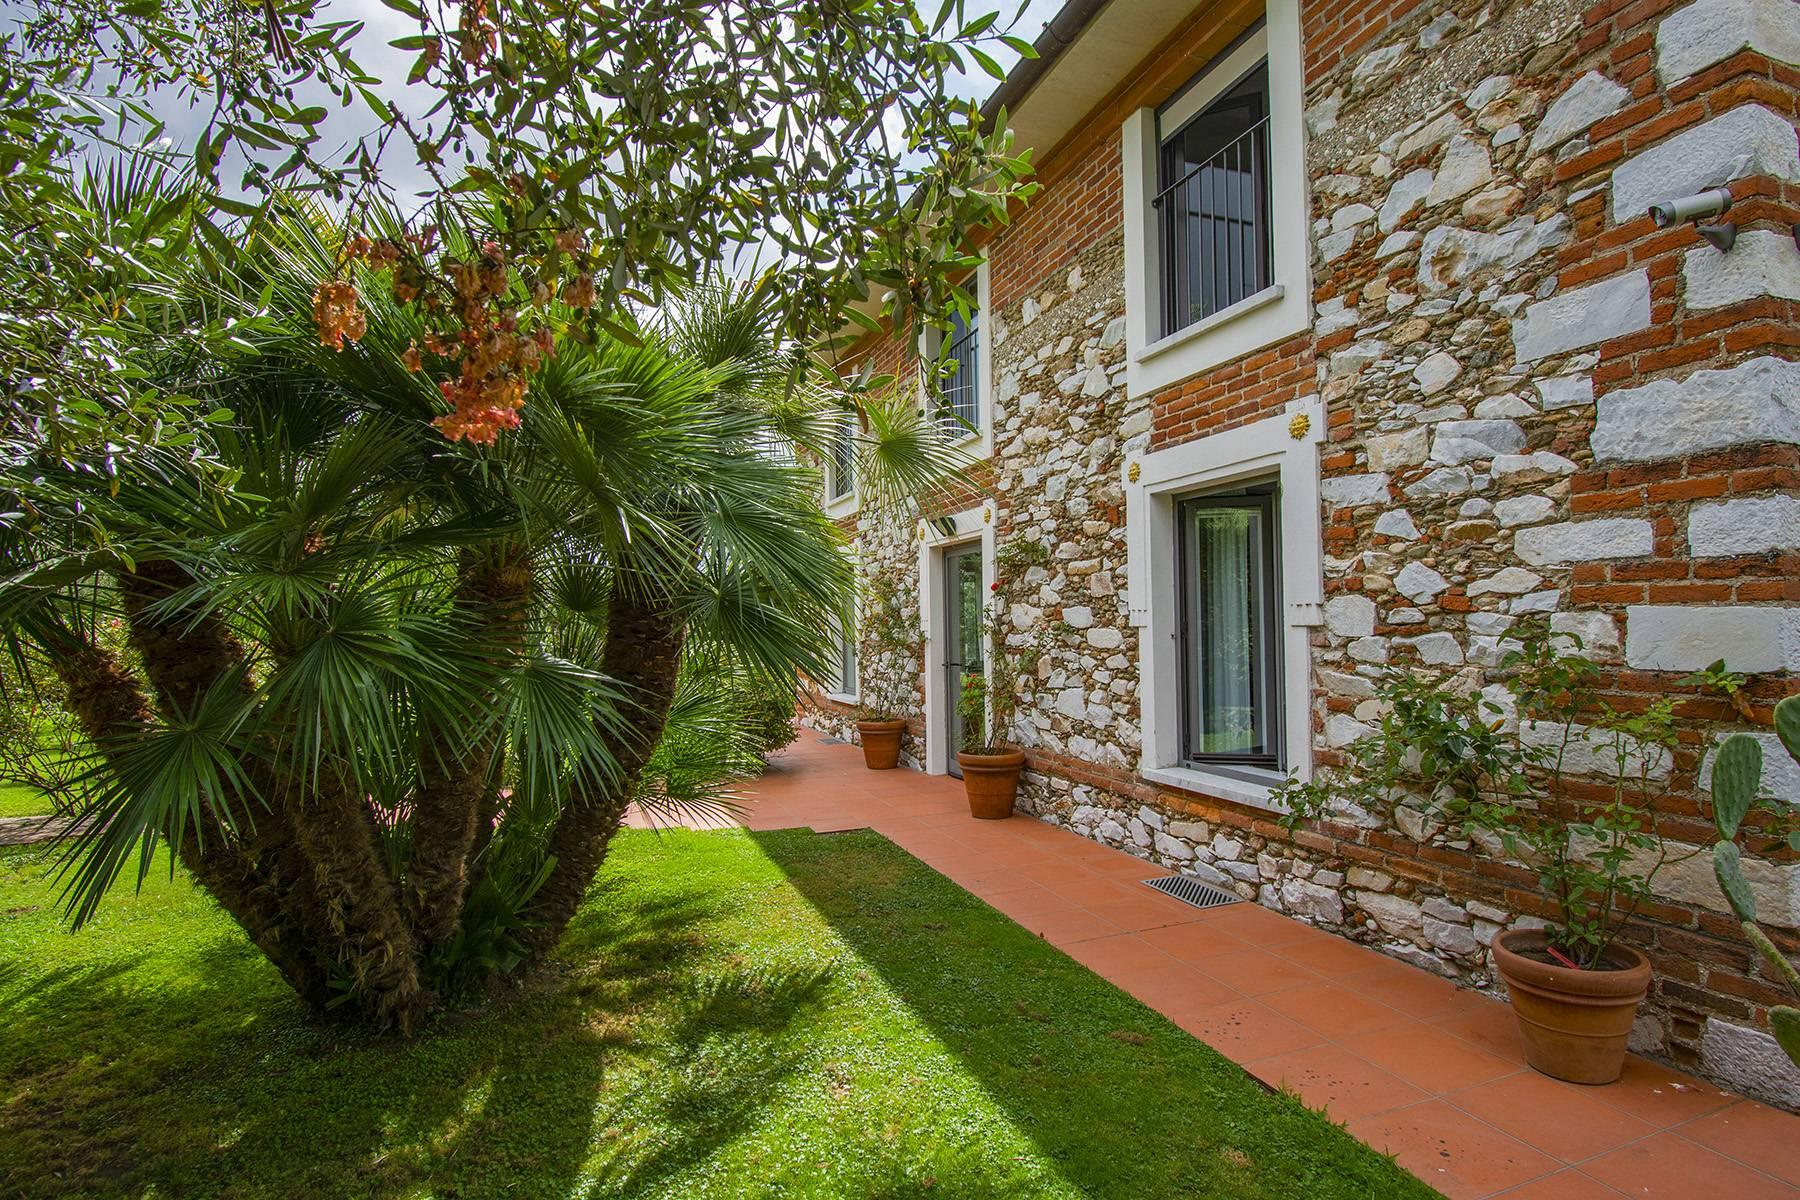 Casa indipendente in Vendita a Pietrasanta: 5 locali, 280 mq - Foto 22